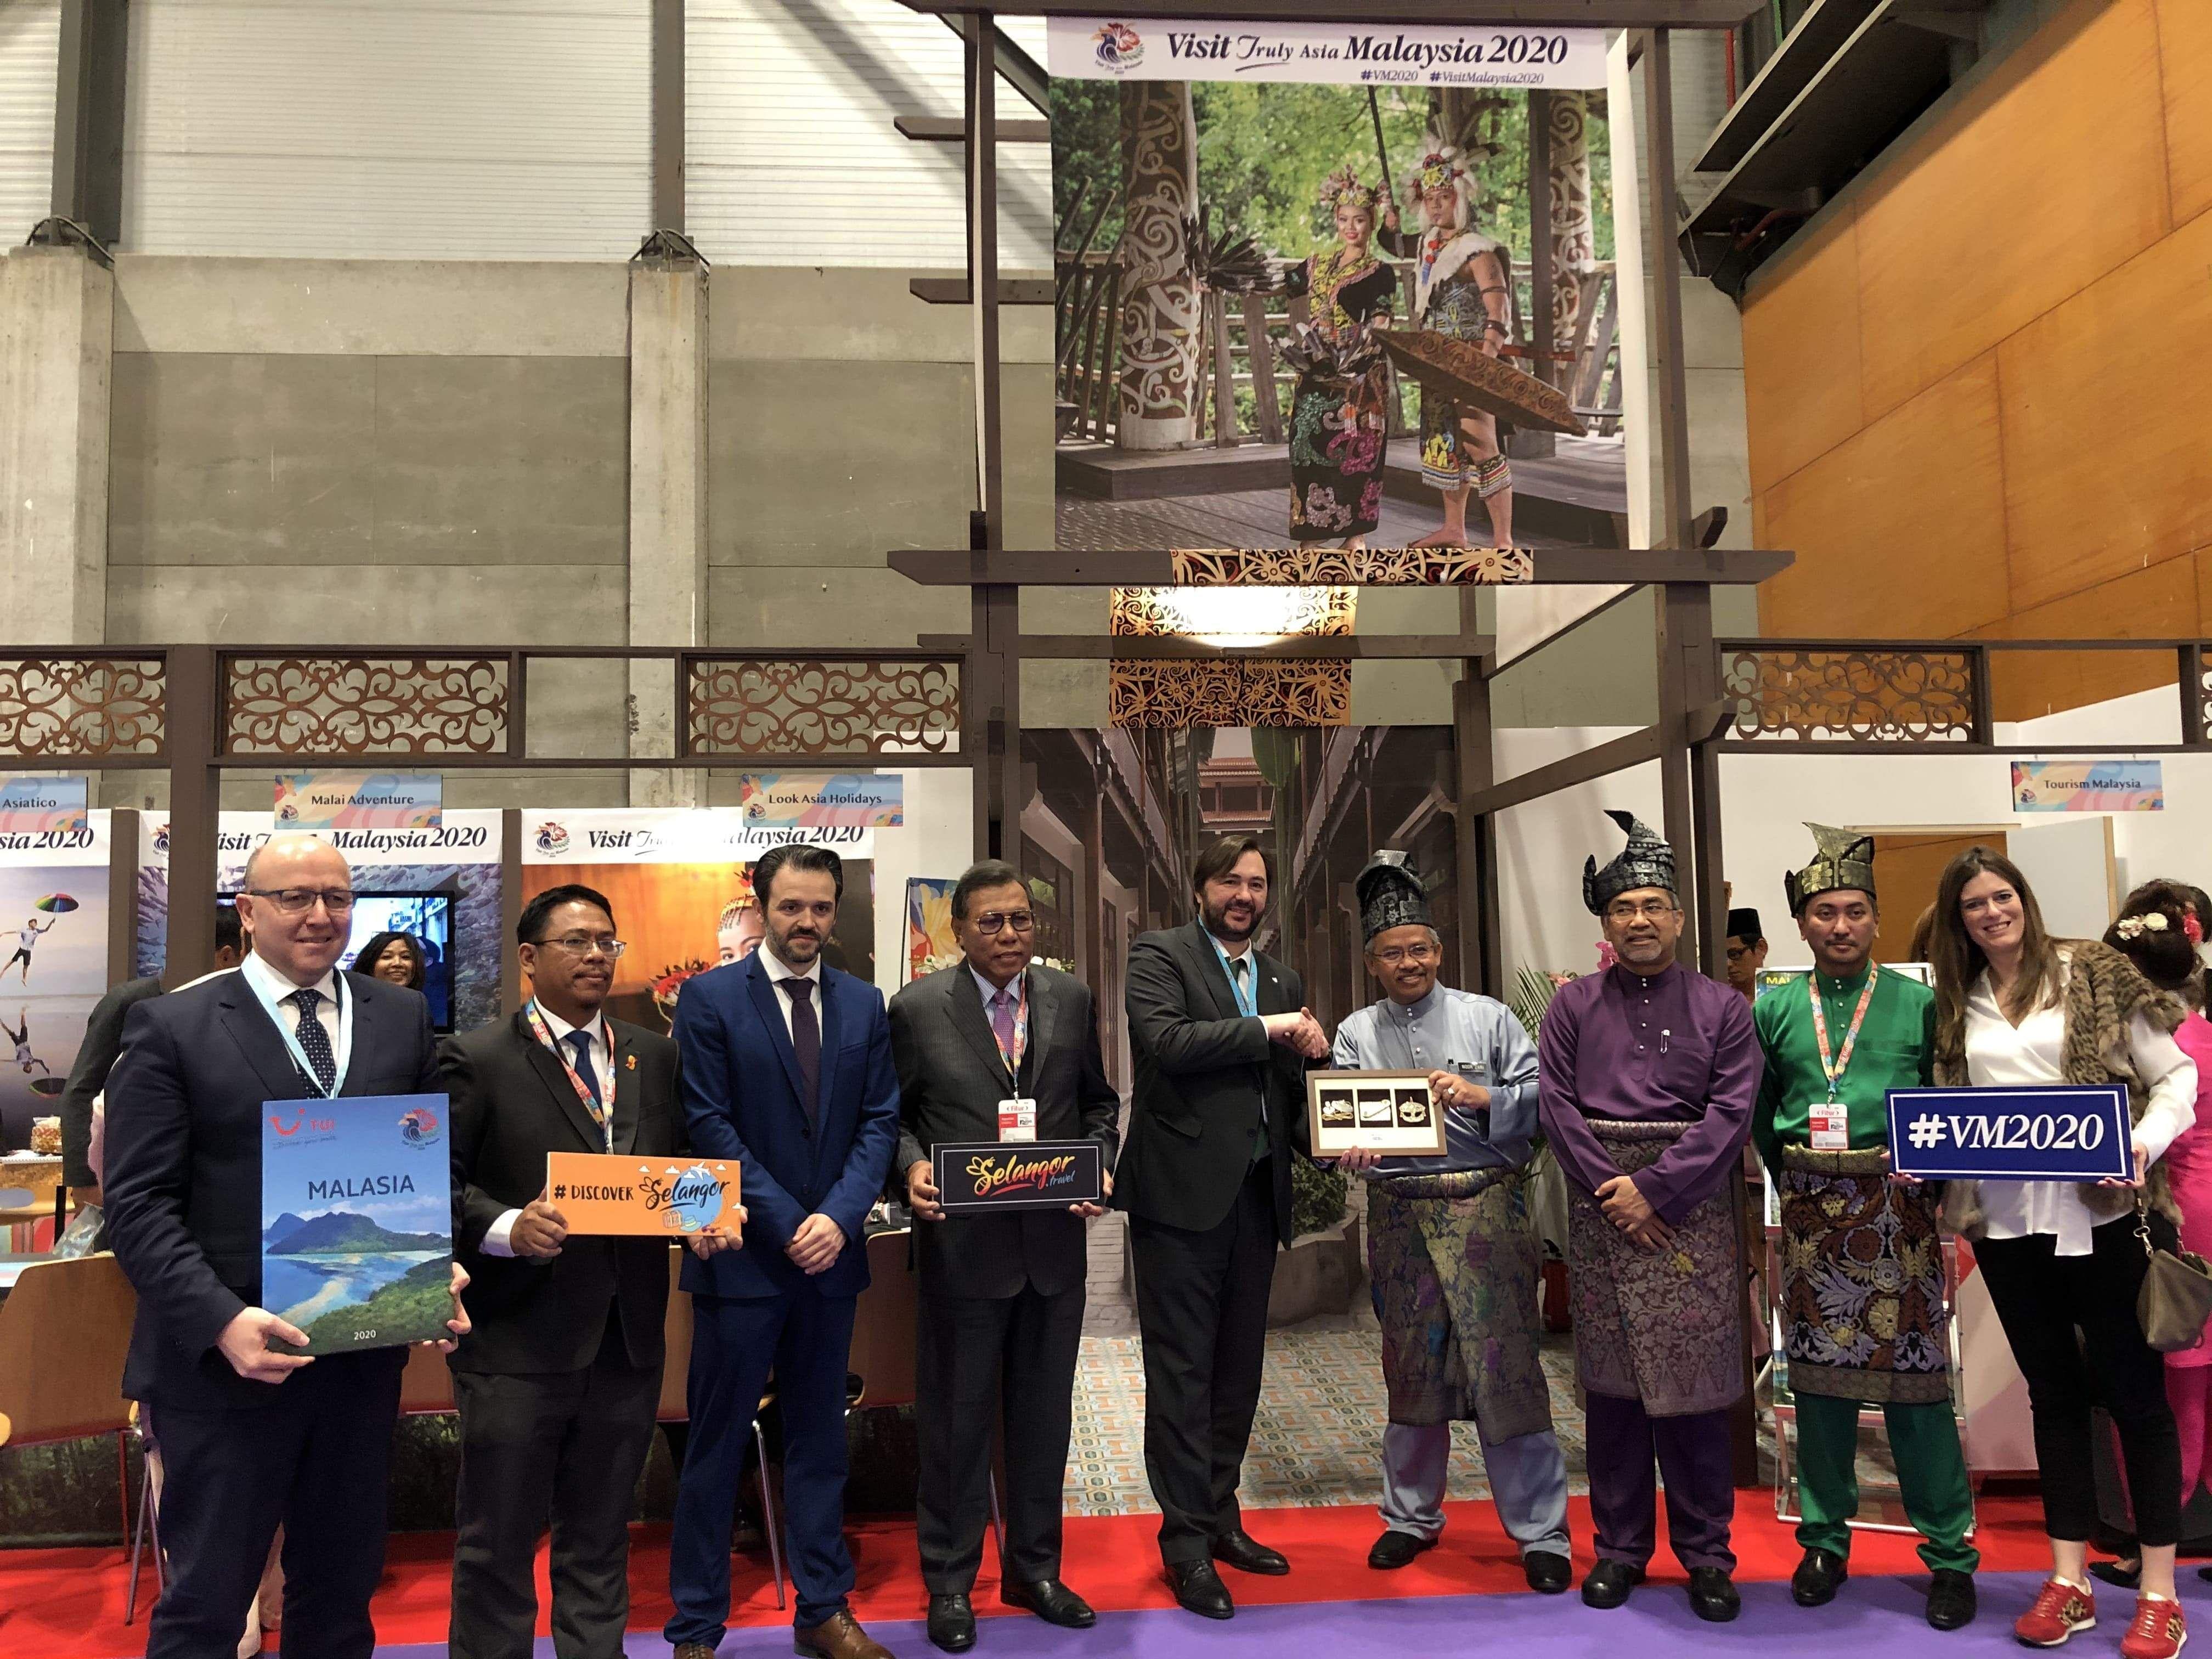 TUI y Malasia se unen para promocionar el destino en 2020